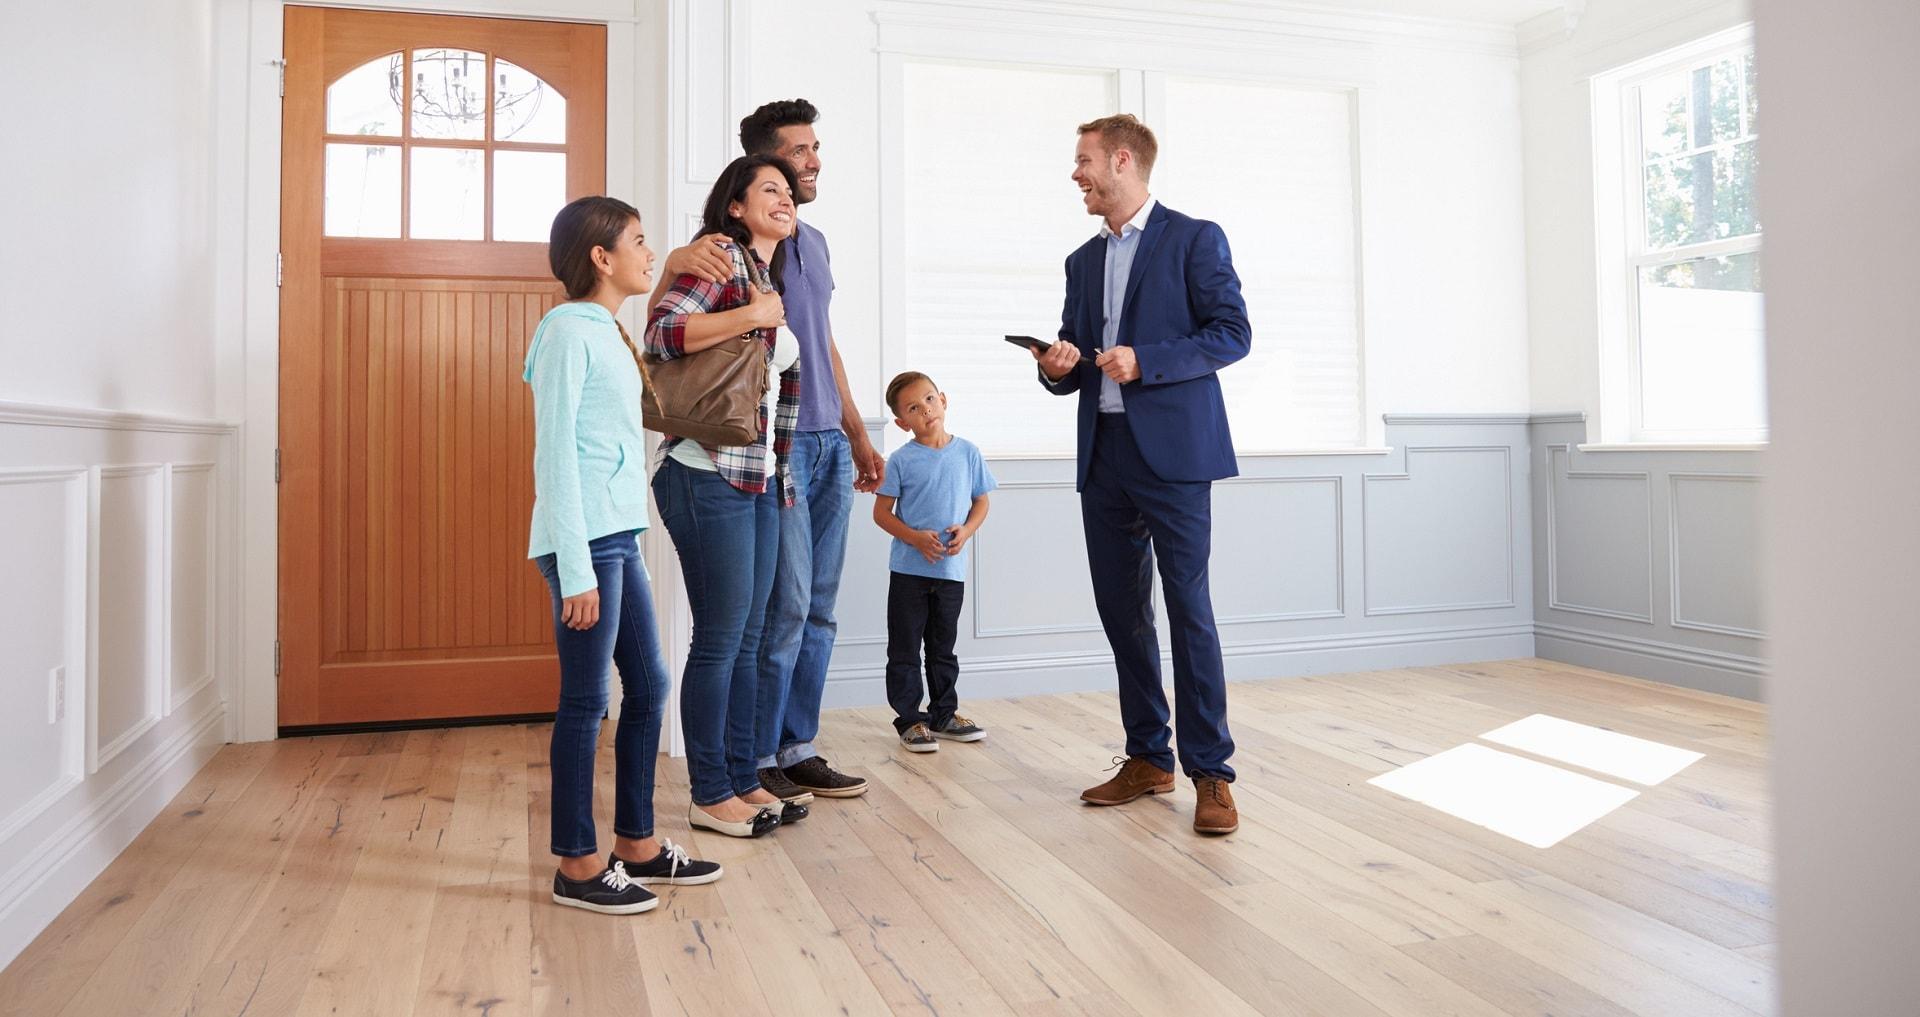 Immobilienmakler führ Familie durch ihr neues Zuhause